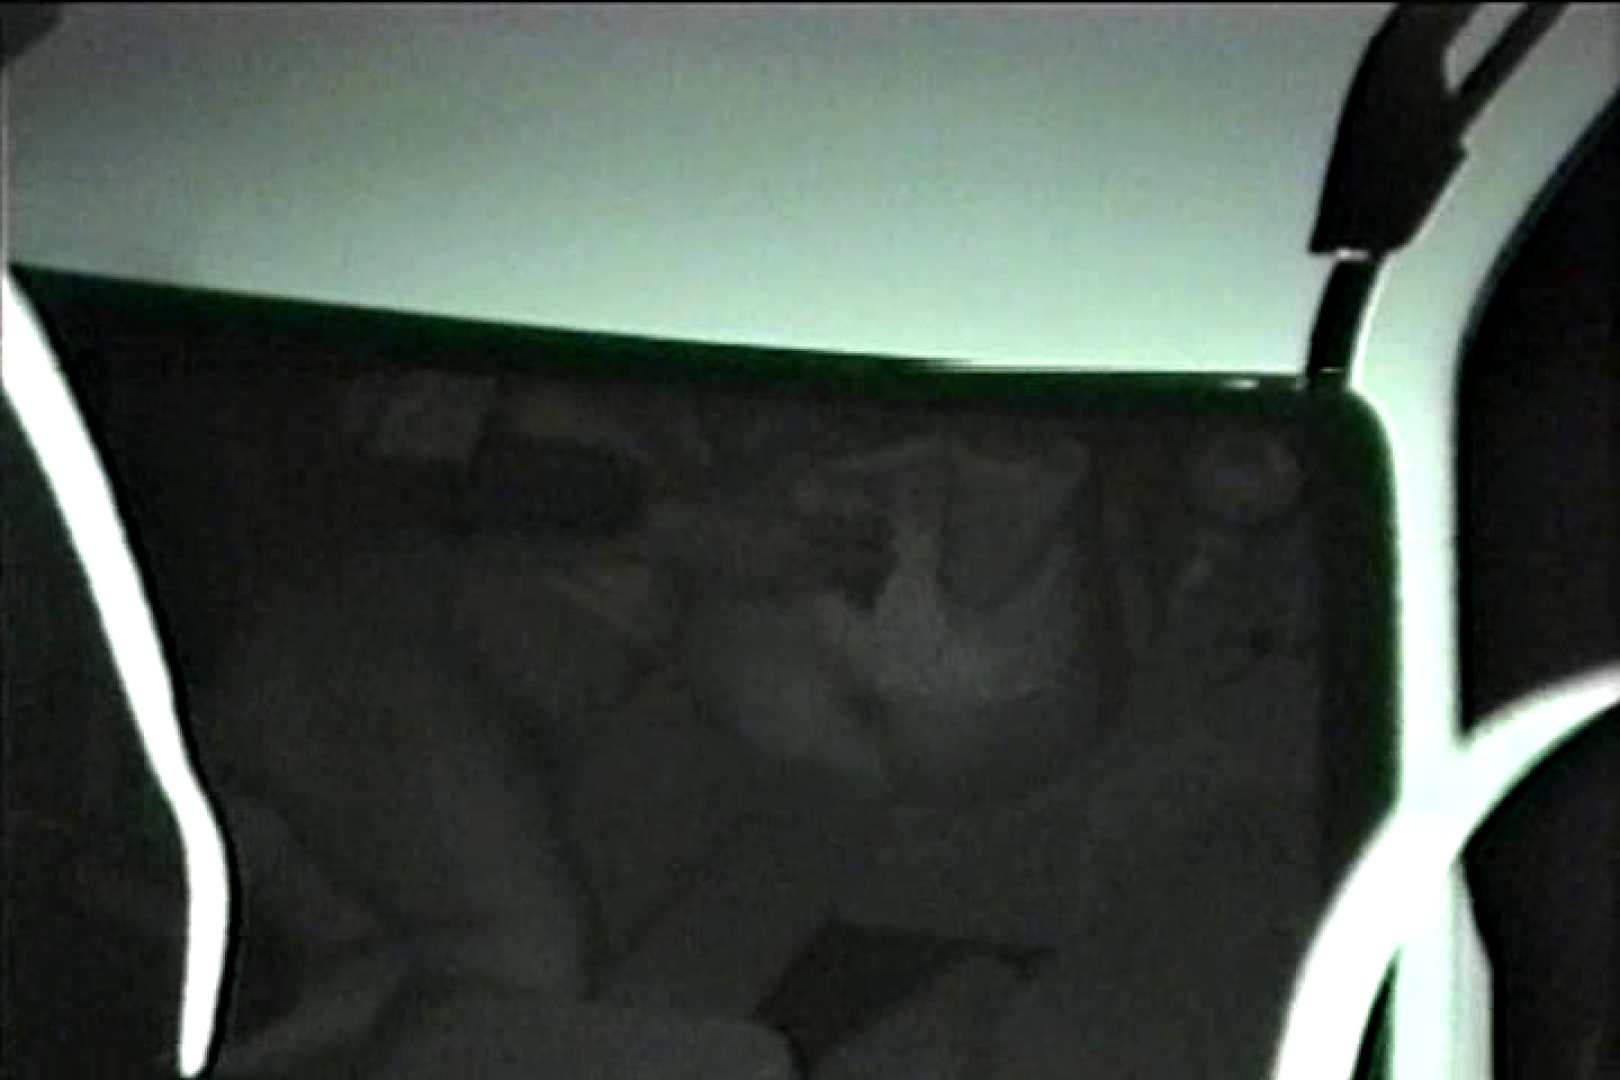 車の中はラブホテル 無修正版  Vol.7 ホテル SEX無修正画像 81pic 42